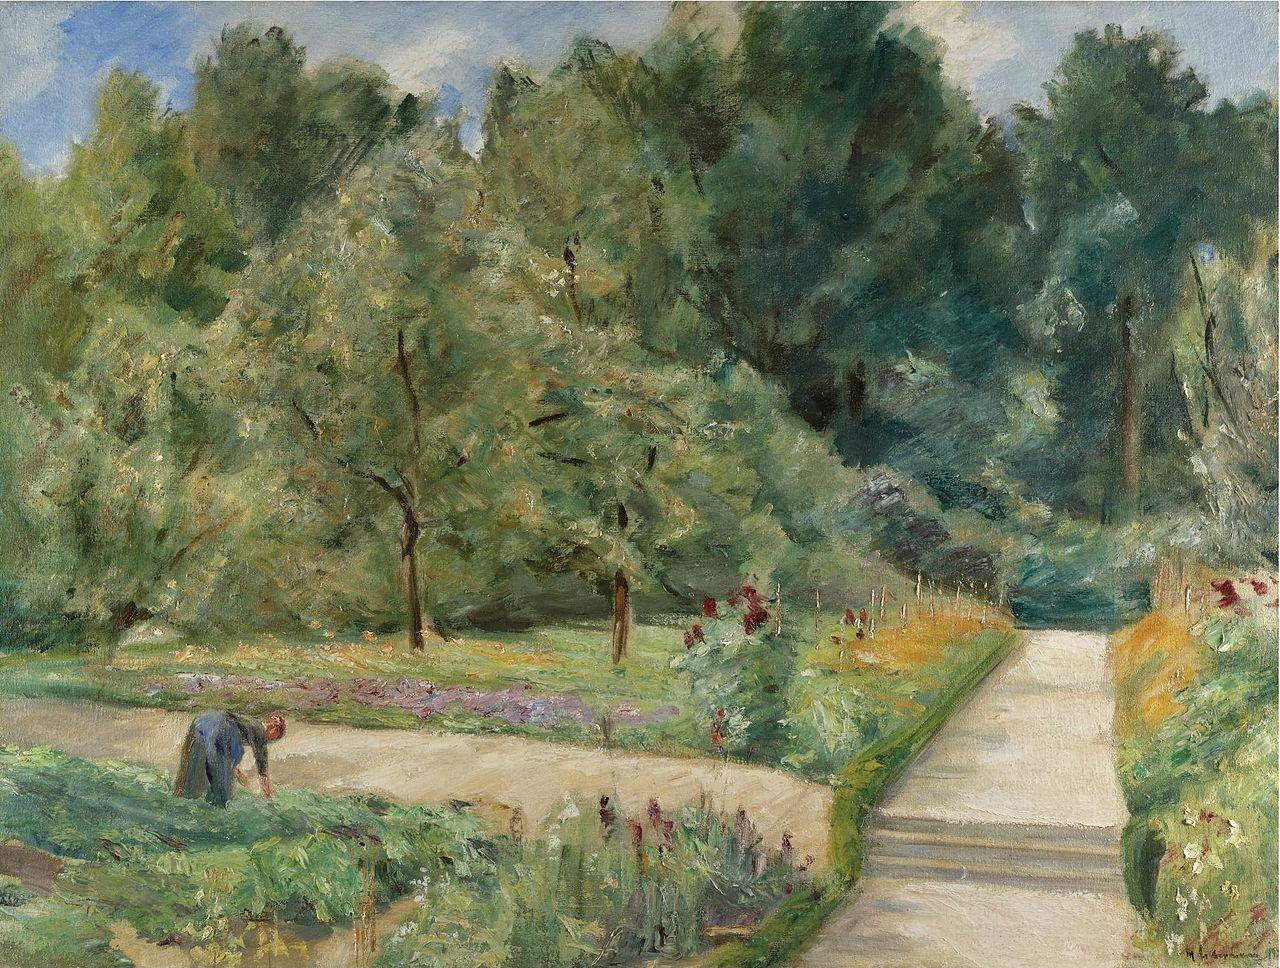 Картинки по запросу max liebermann kunstdruck: der nutzgarten in wannsee nach westen kunstkopie.de e.k.